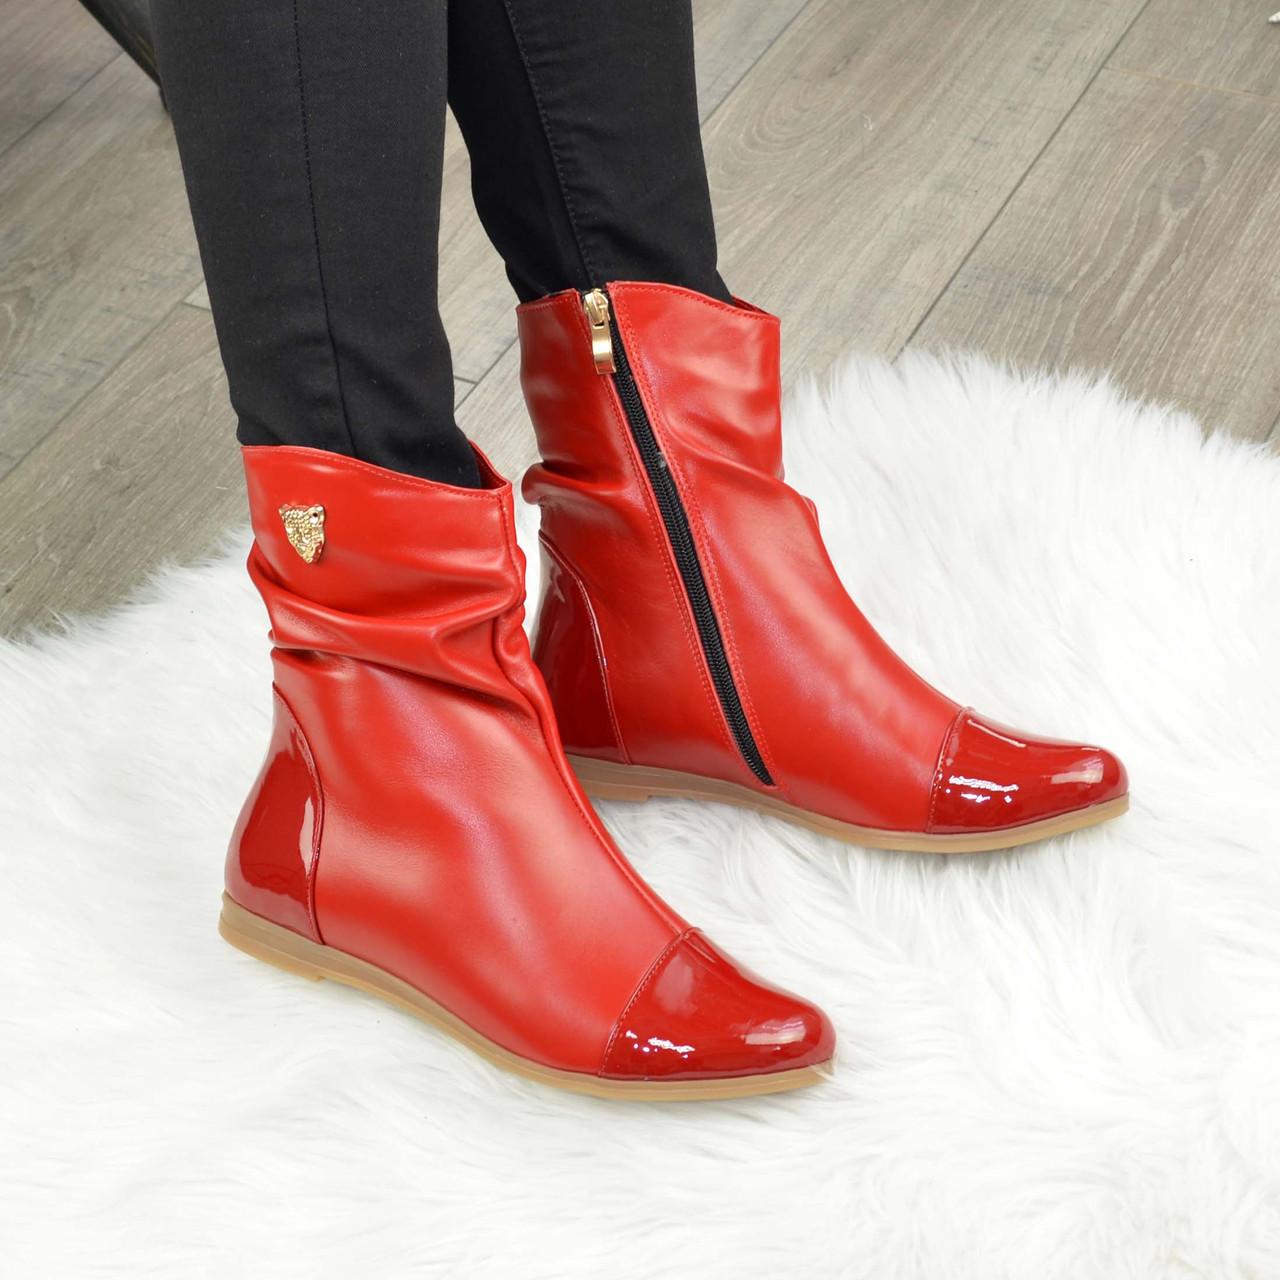 Ботинки женские демисезонные красные на низком ходу